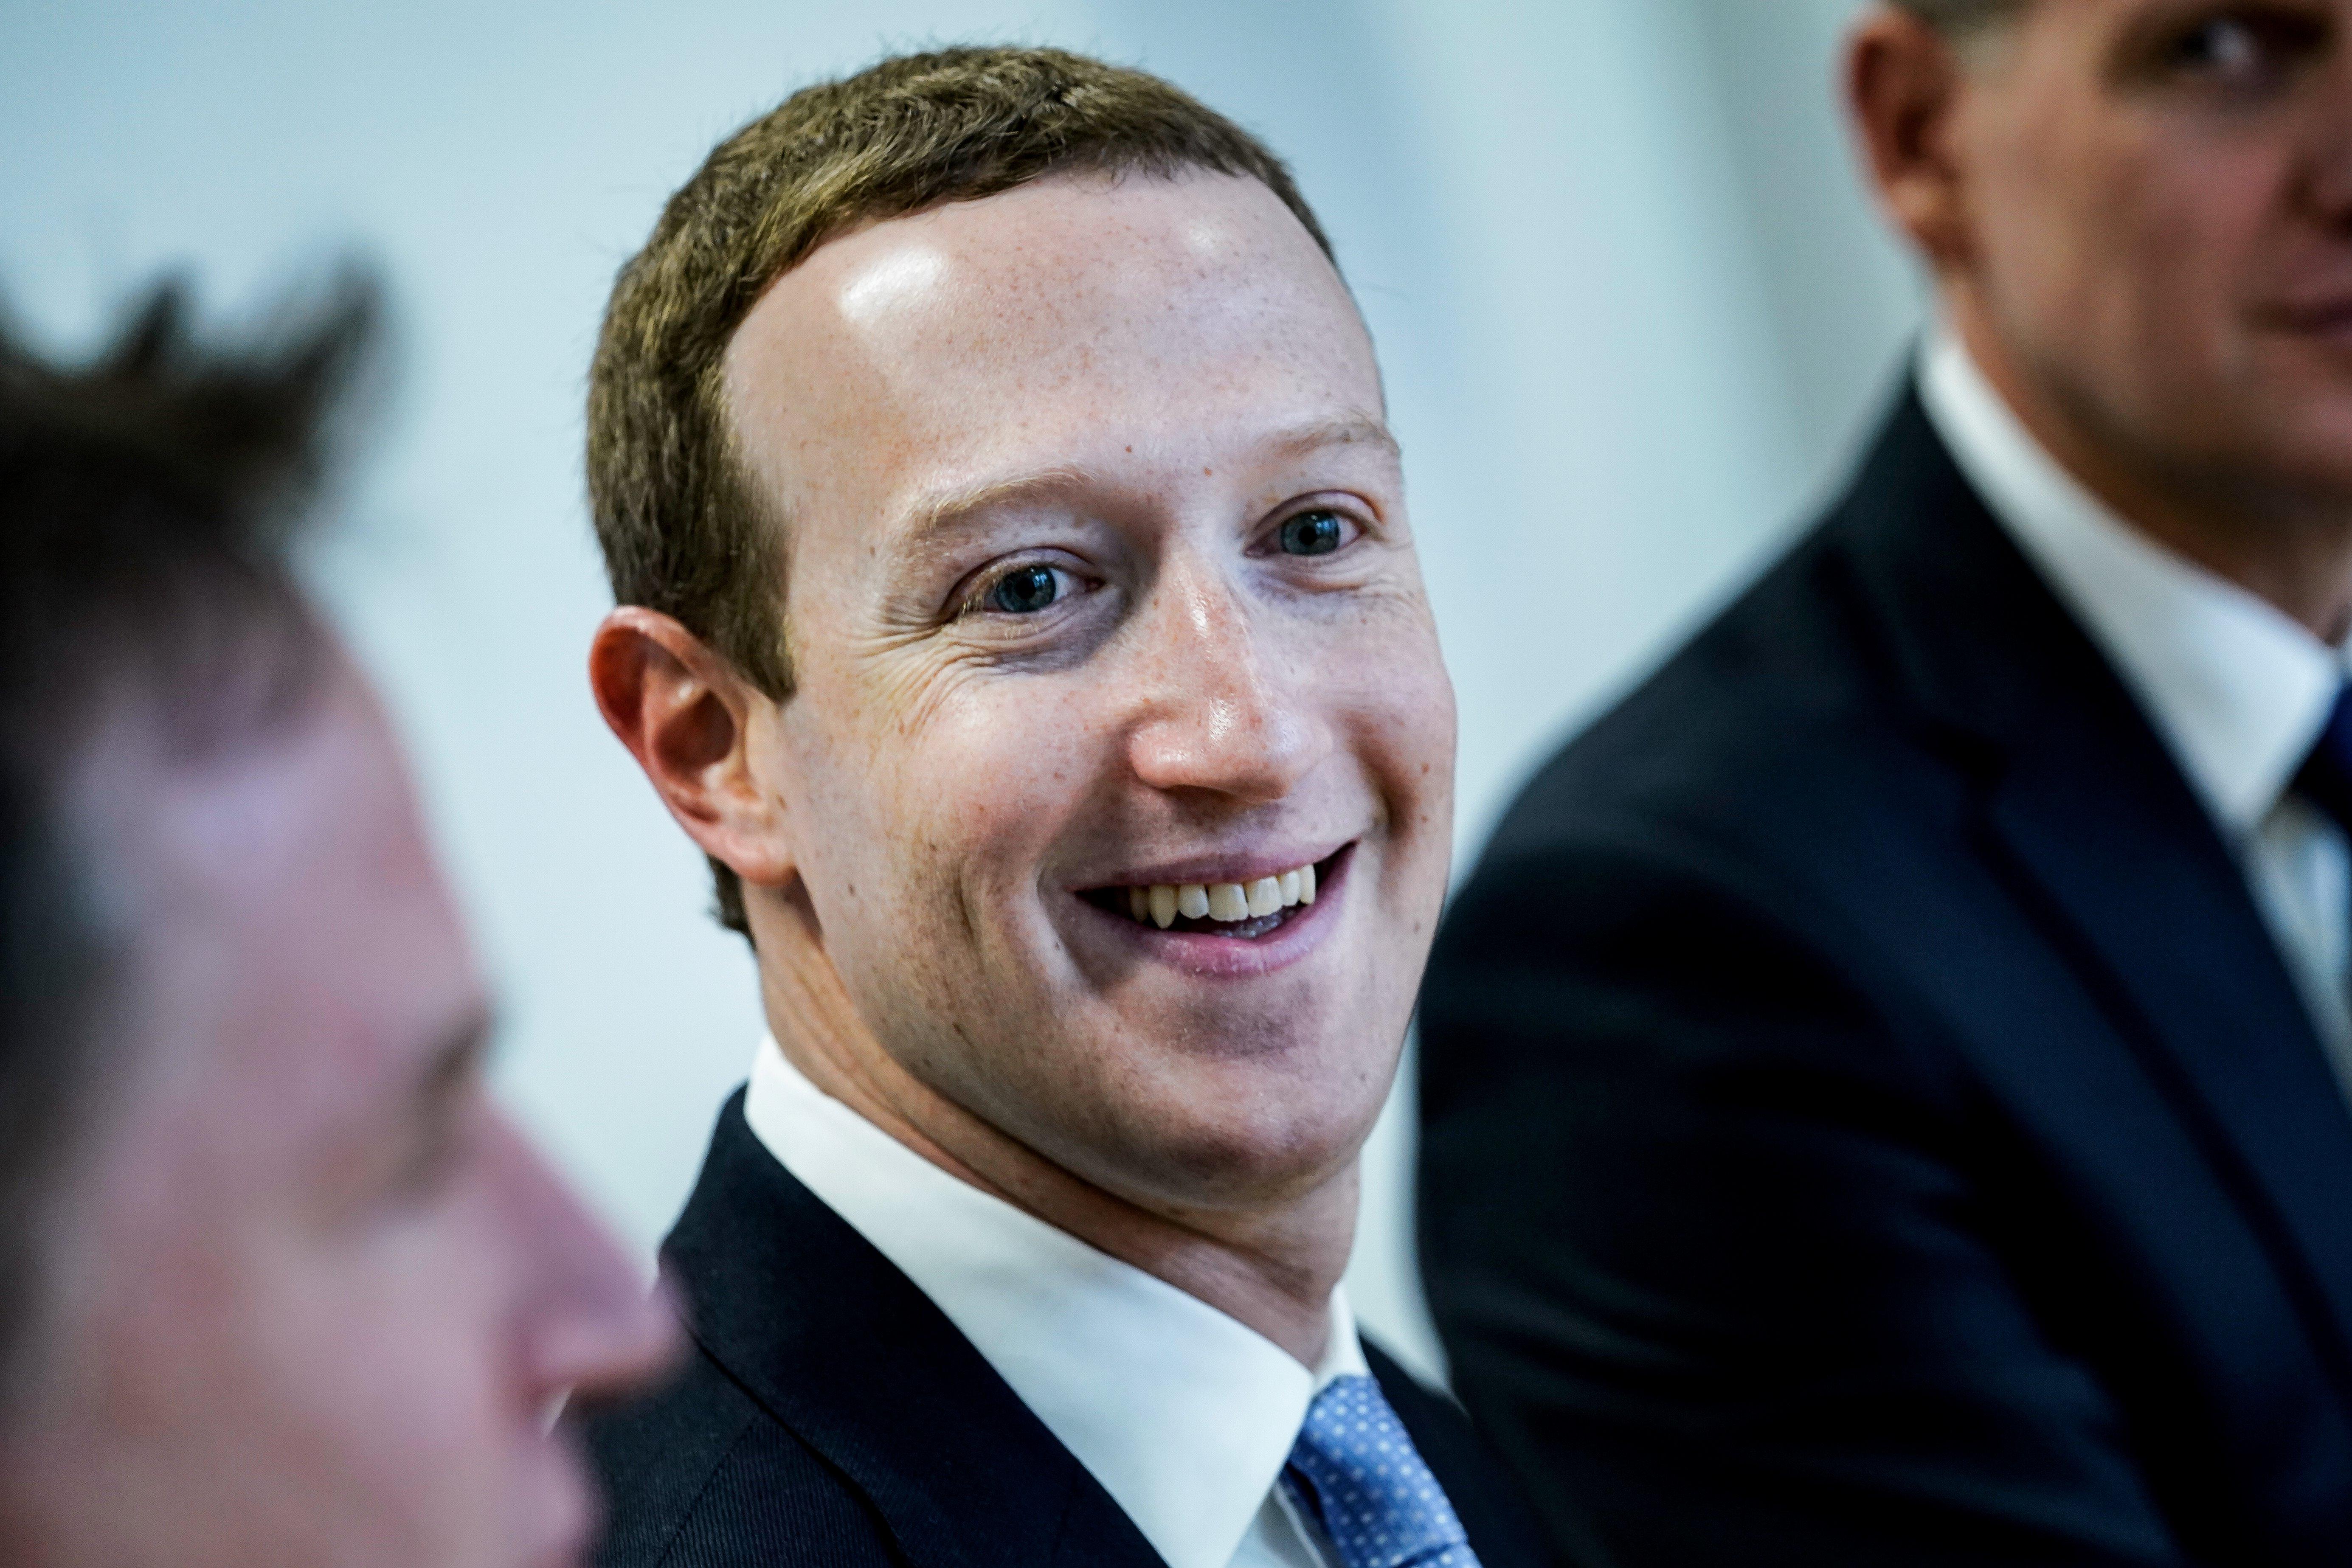 Een foto van Mark Zuckerberg van Facebook.